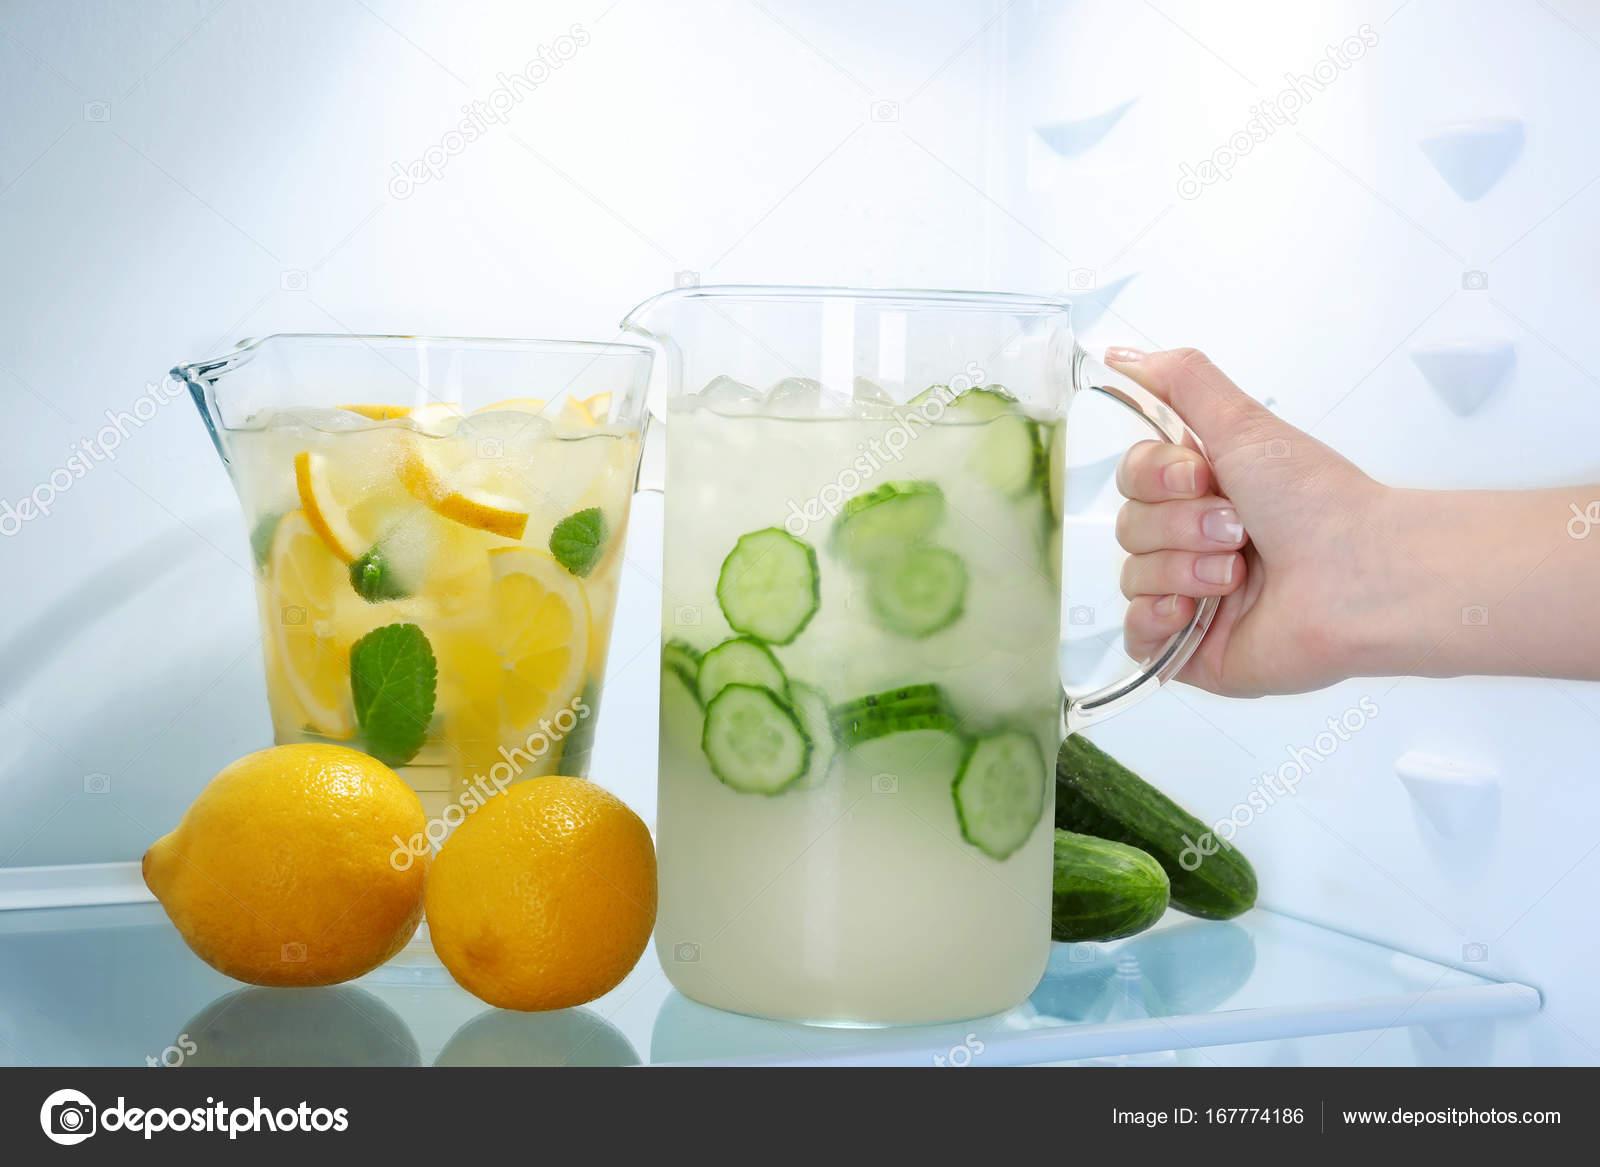 Kühlschrank Krug : Weibliche hand nehmend krug gurke limonade aus kühlschrank